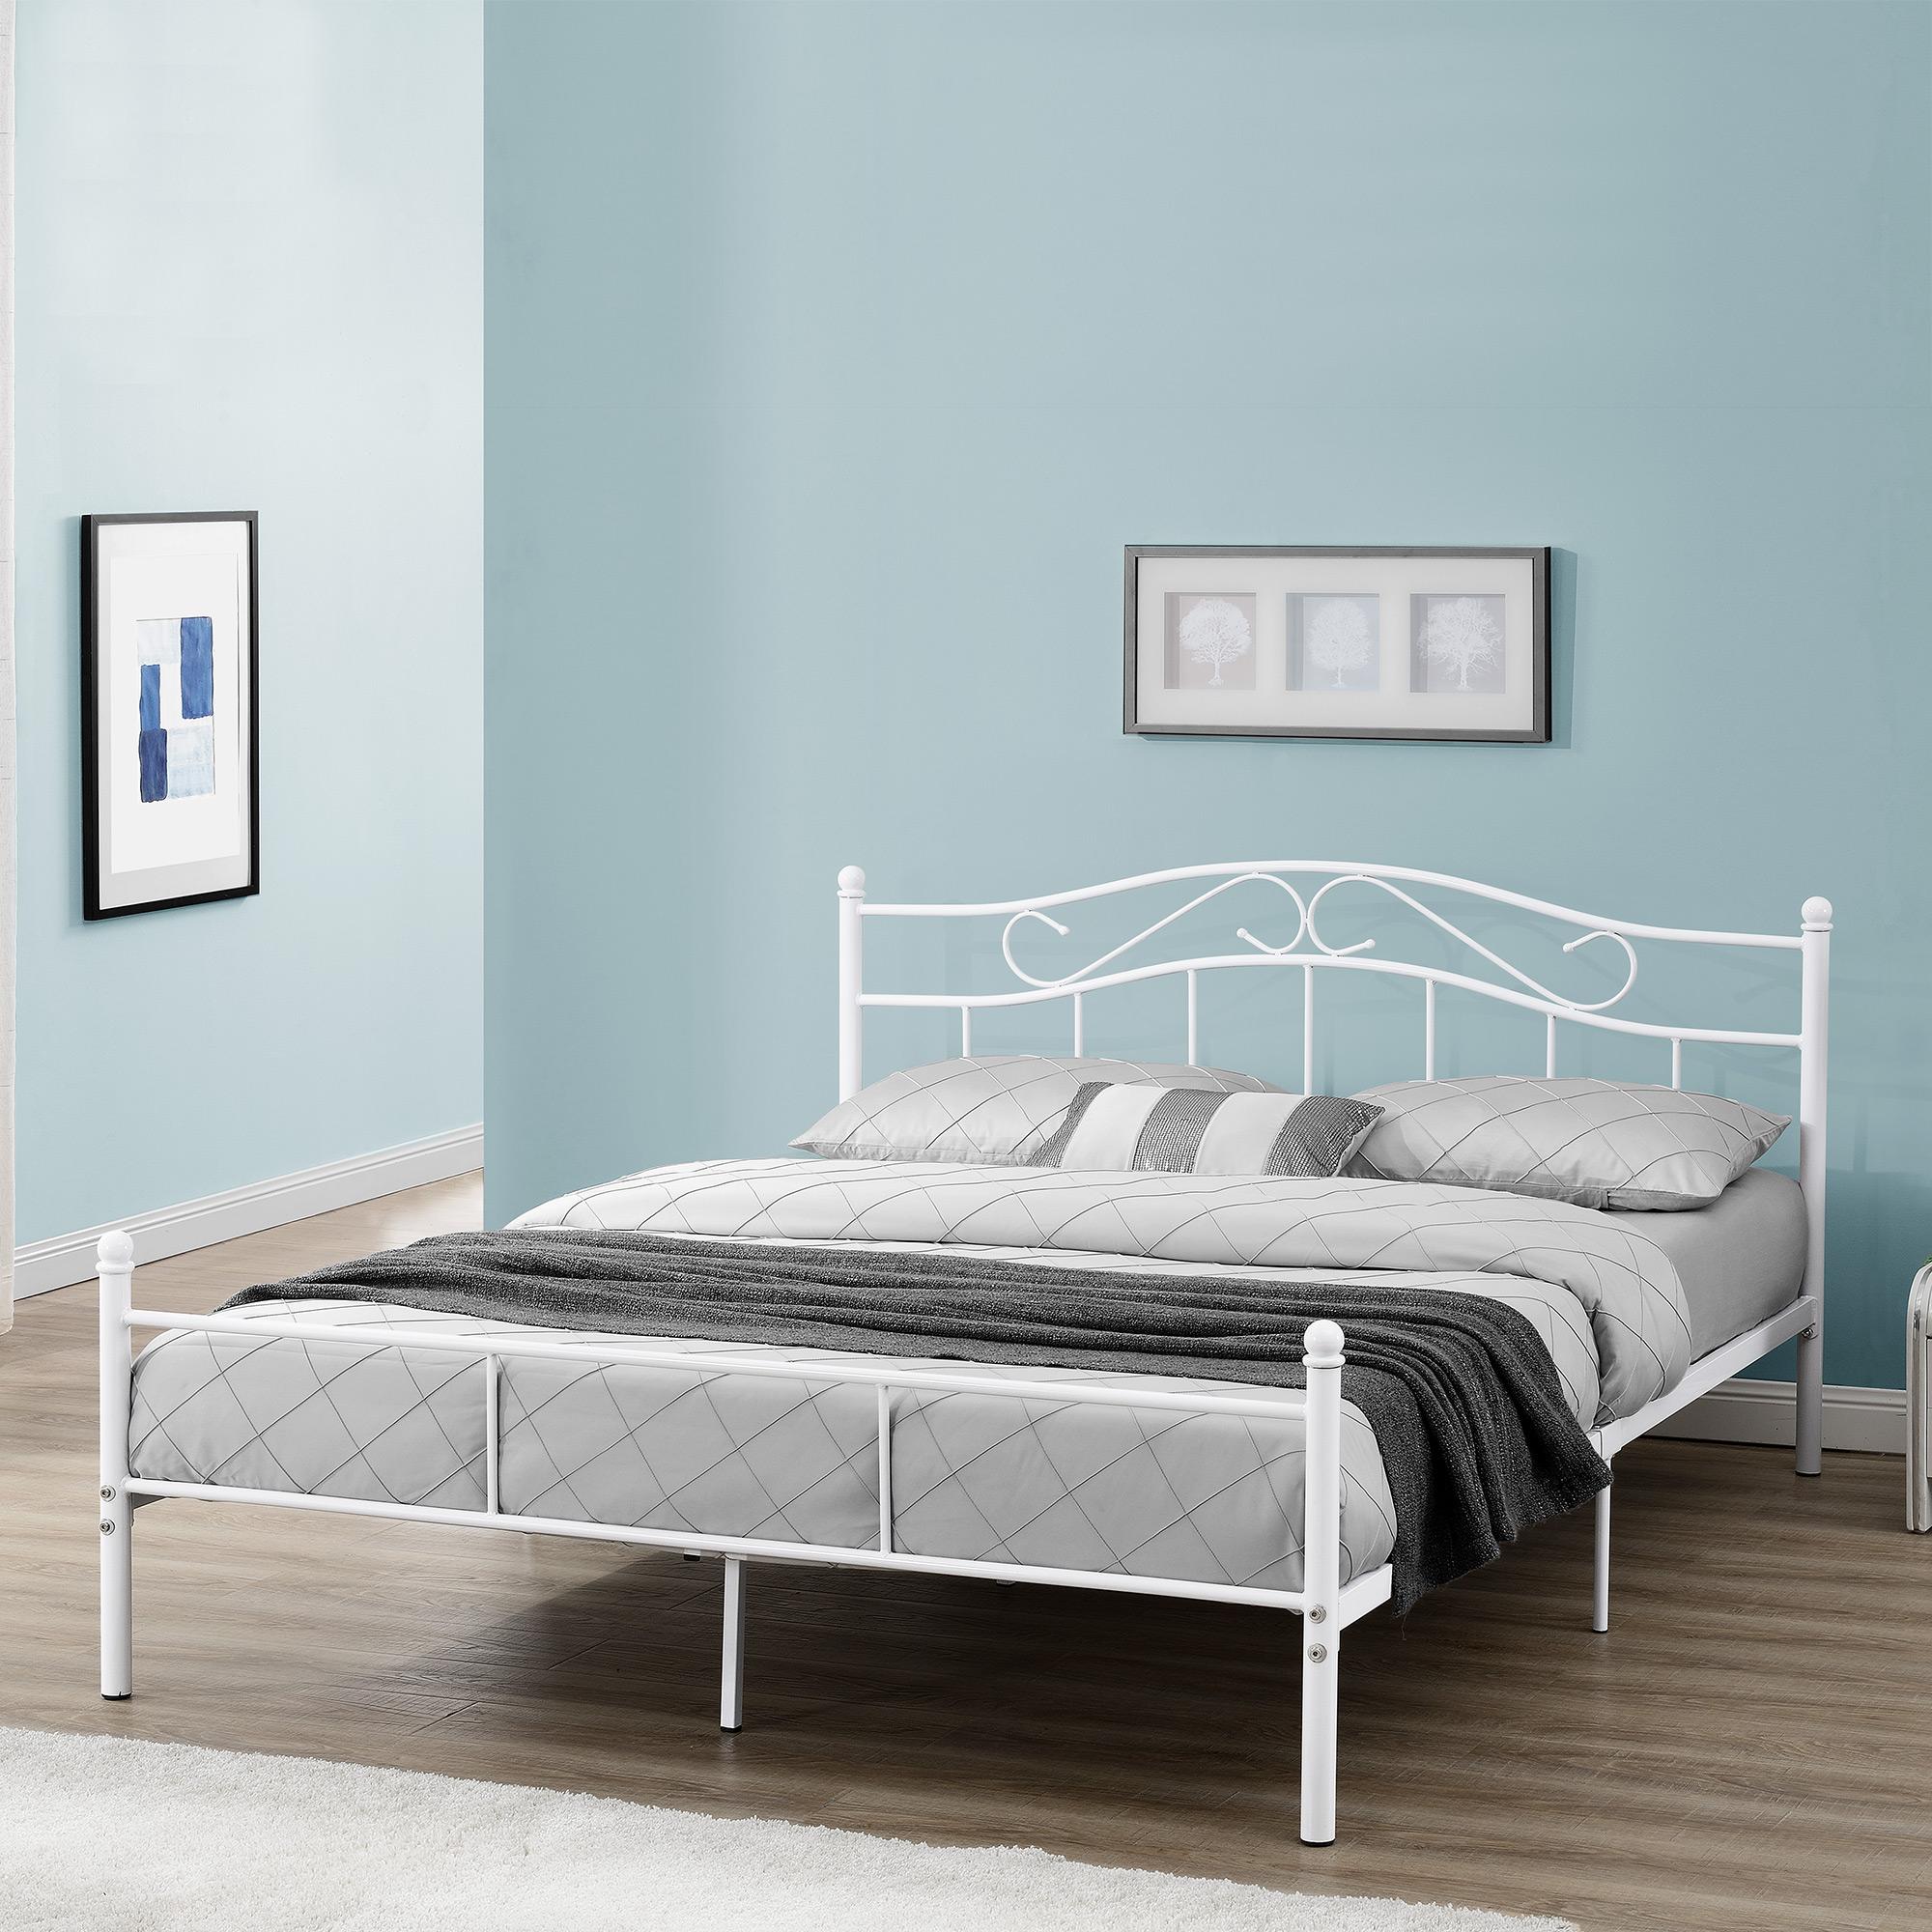 metallbett 140 160 180 200x200cm bett bettgestell doppelbett ehebett ebay. Black Bedroom Furniture Sets. Home Design Ideas